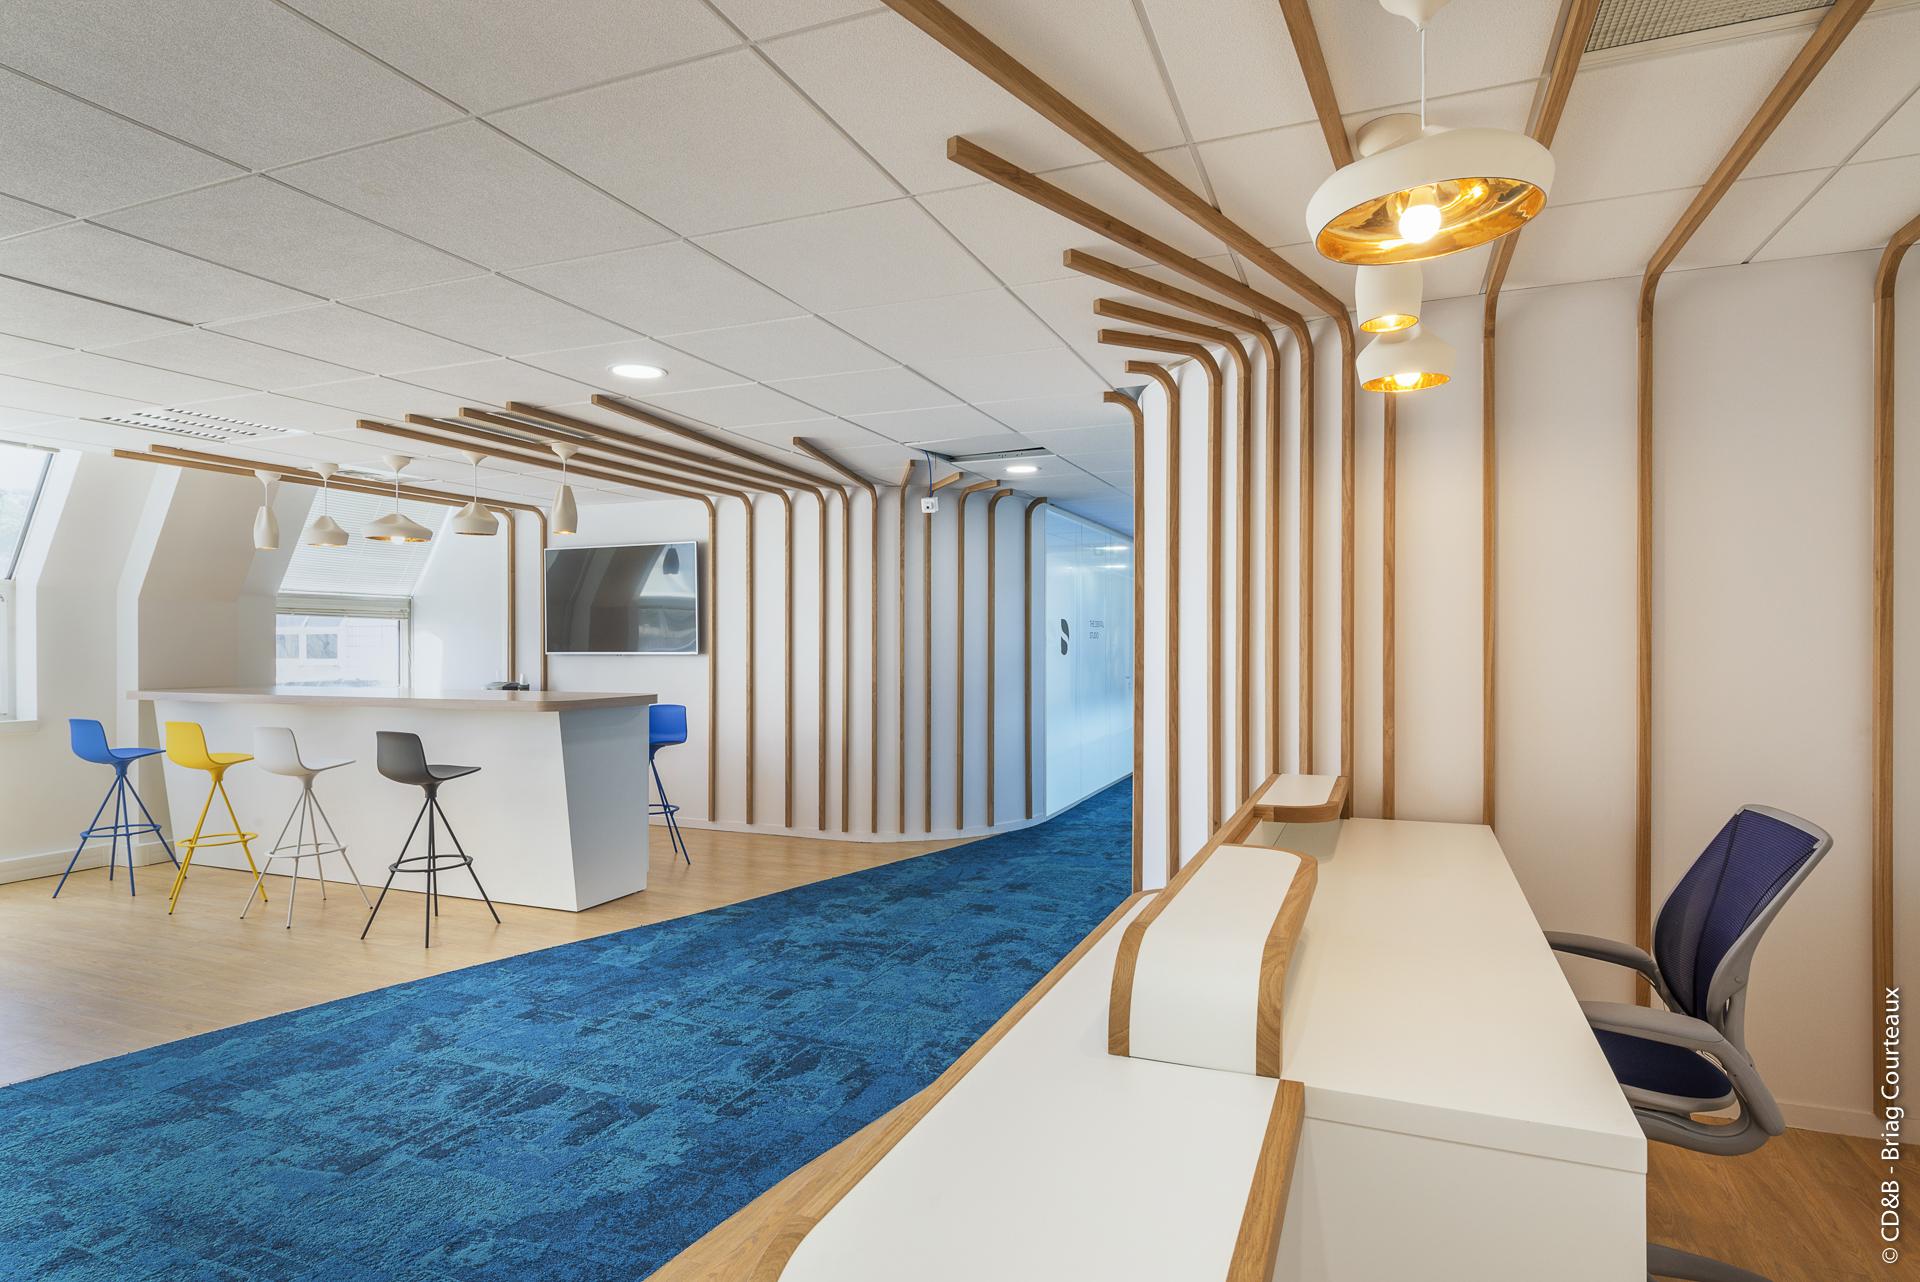 Conseil, aménagement, conception et réalisation des espaces de la société Dentsply Sirona par CDB, Meet you there.